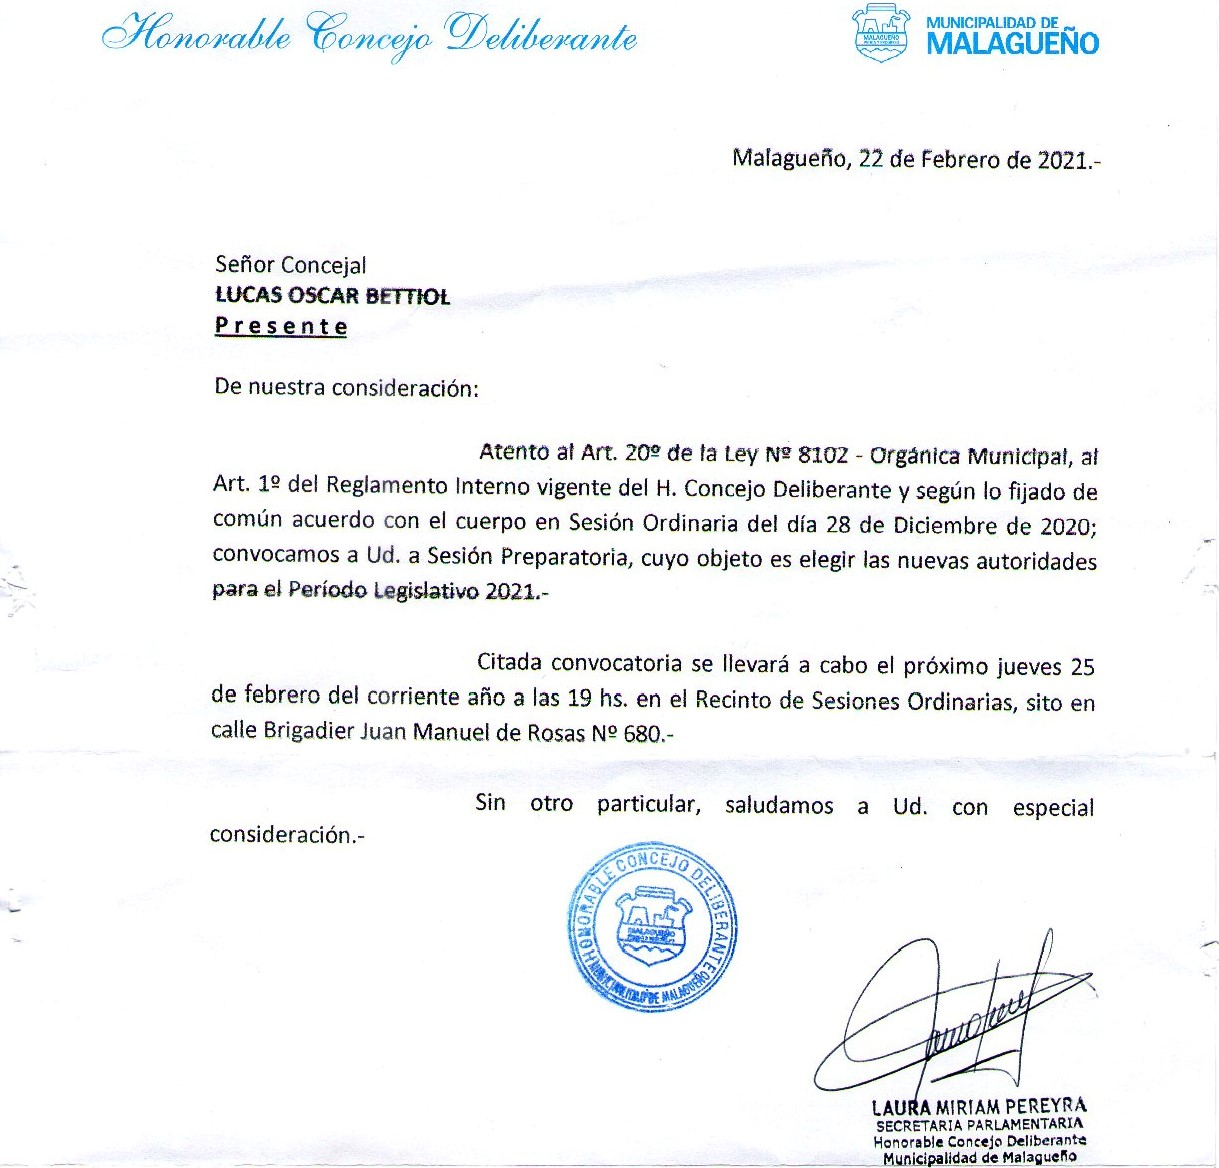 22/02/2021 - Convocatoria Sesion Preparatoria HCD 2021